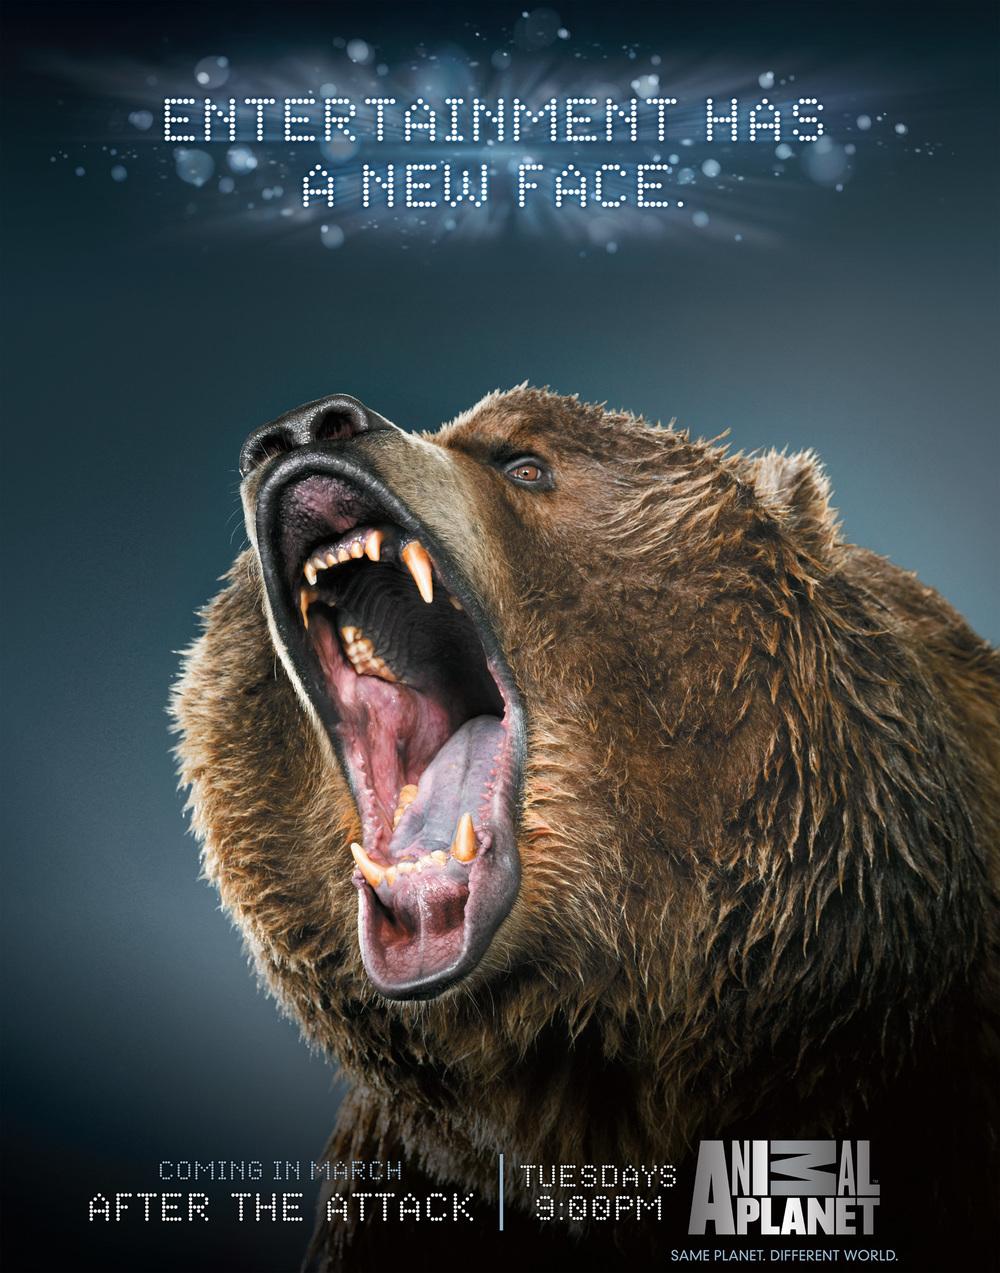 AnimalPlanet_Bear.jpg